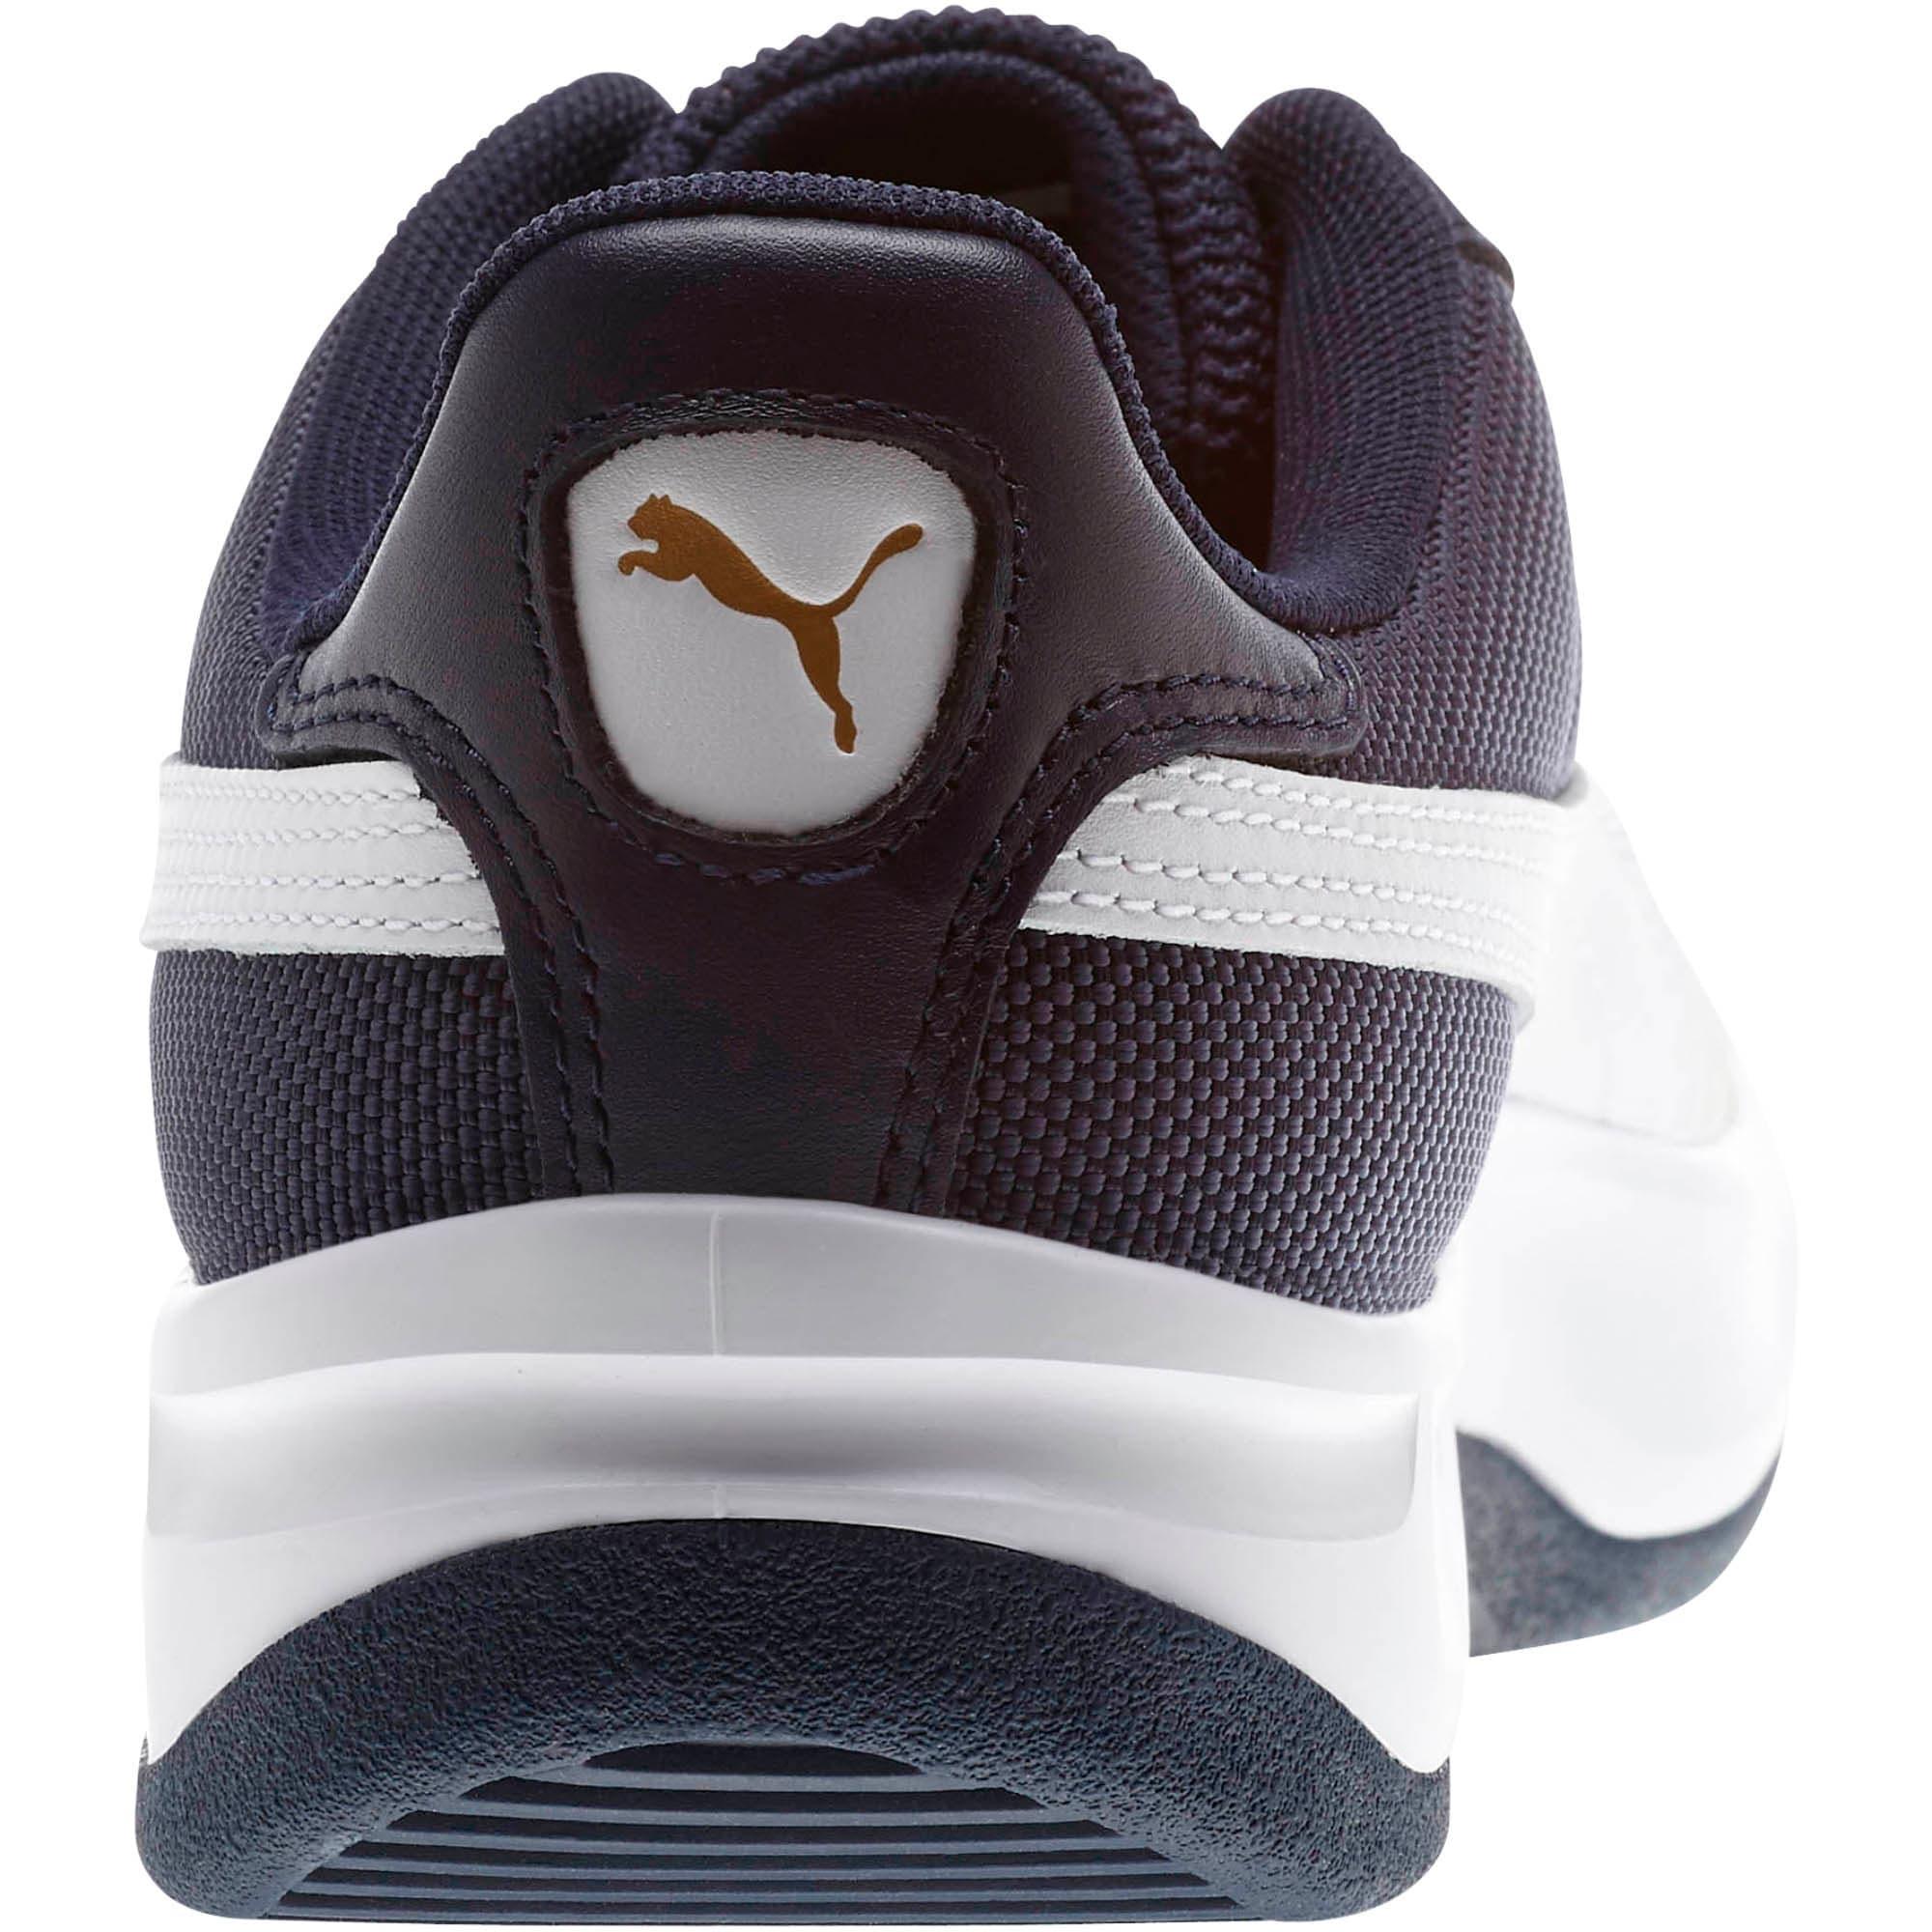 Thumbnail 3 of California Sneakers, Glacier Gray-Peacoat-PumaWht, medium